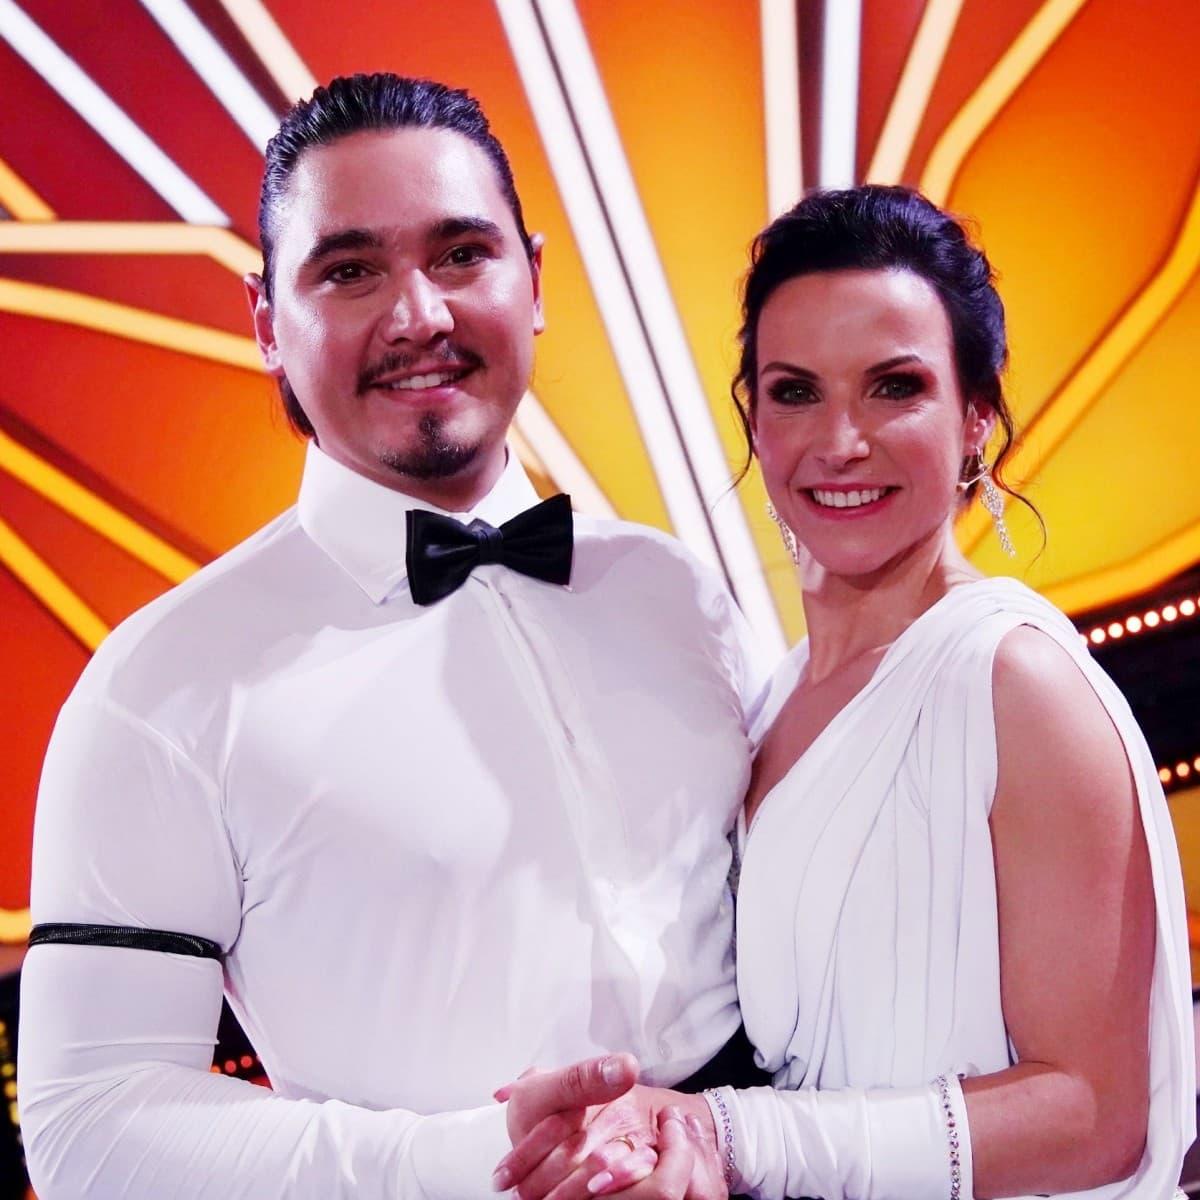 Erich Klann - Sabrina Mockenhaupt Tanzpaar bei Let's dance 2019